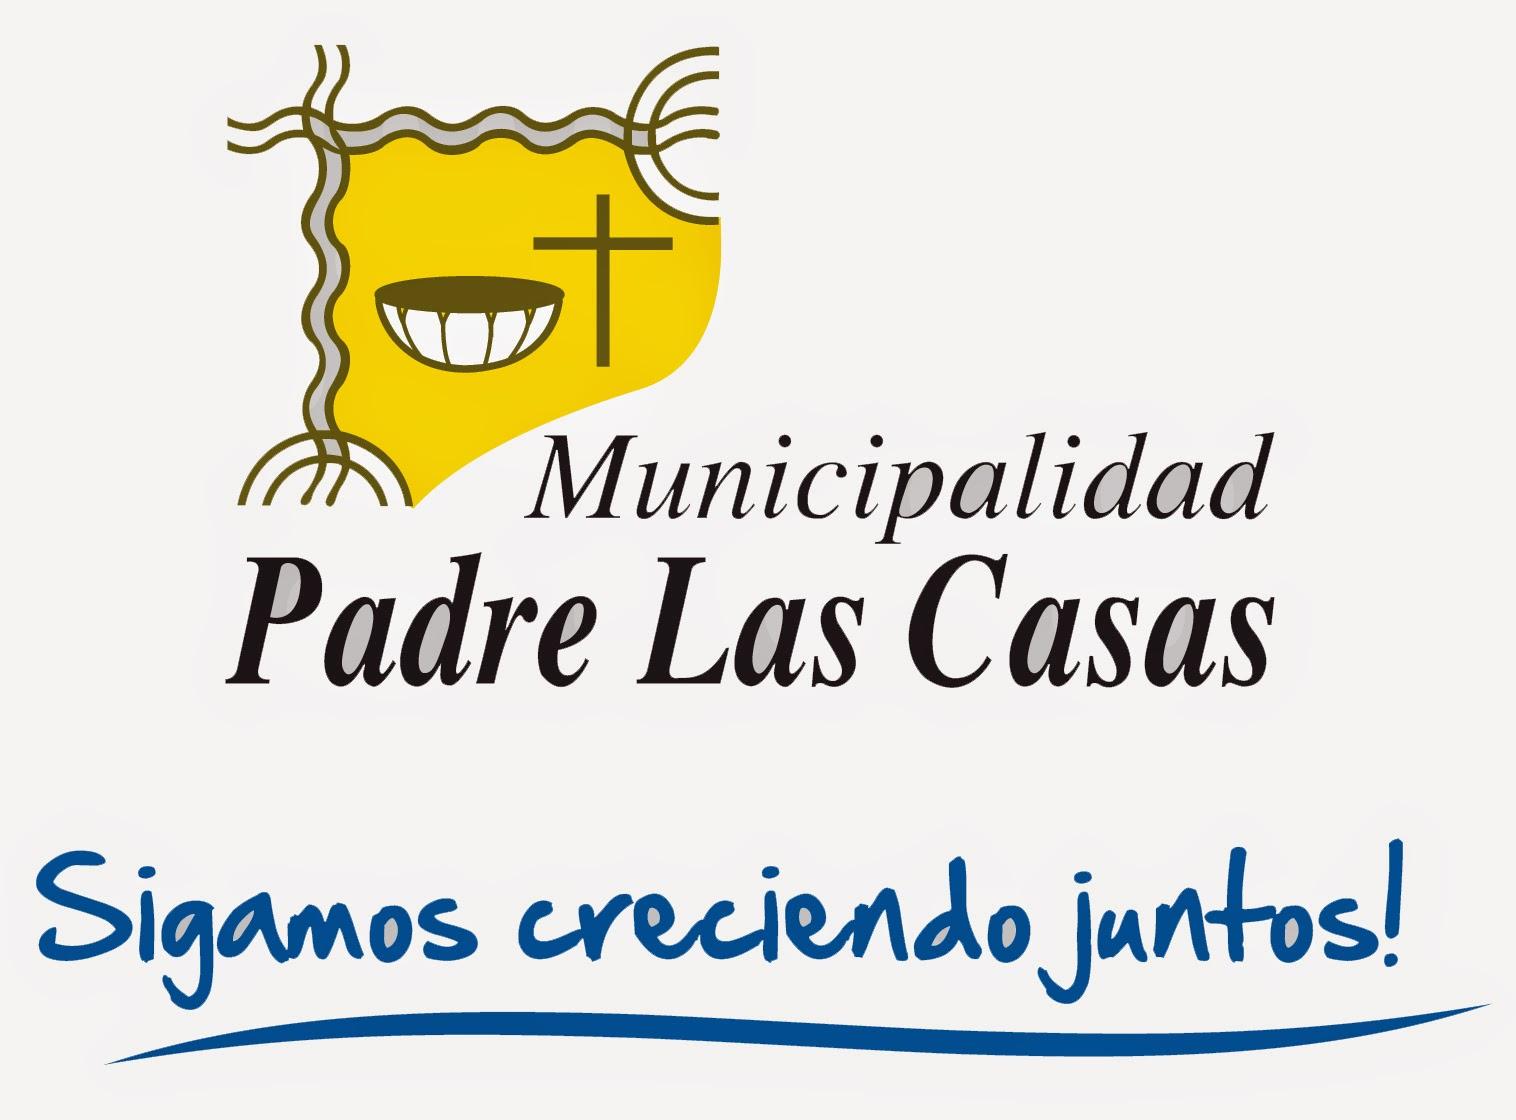 Municipalidad de Padre las Casas